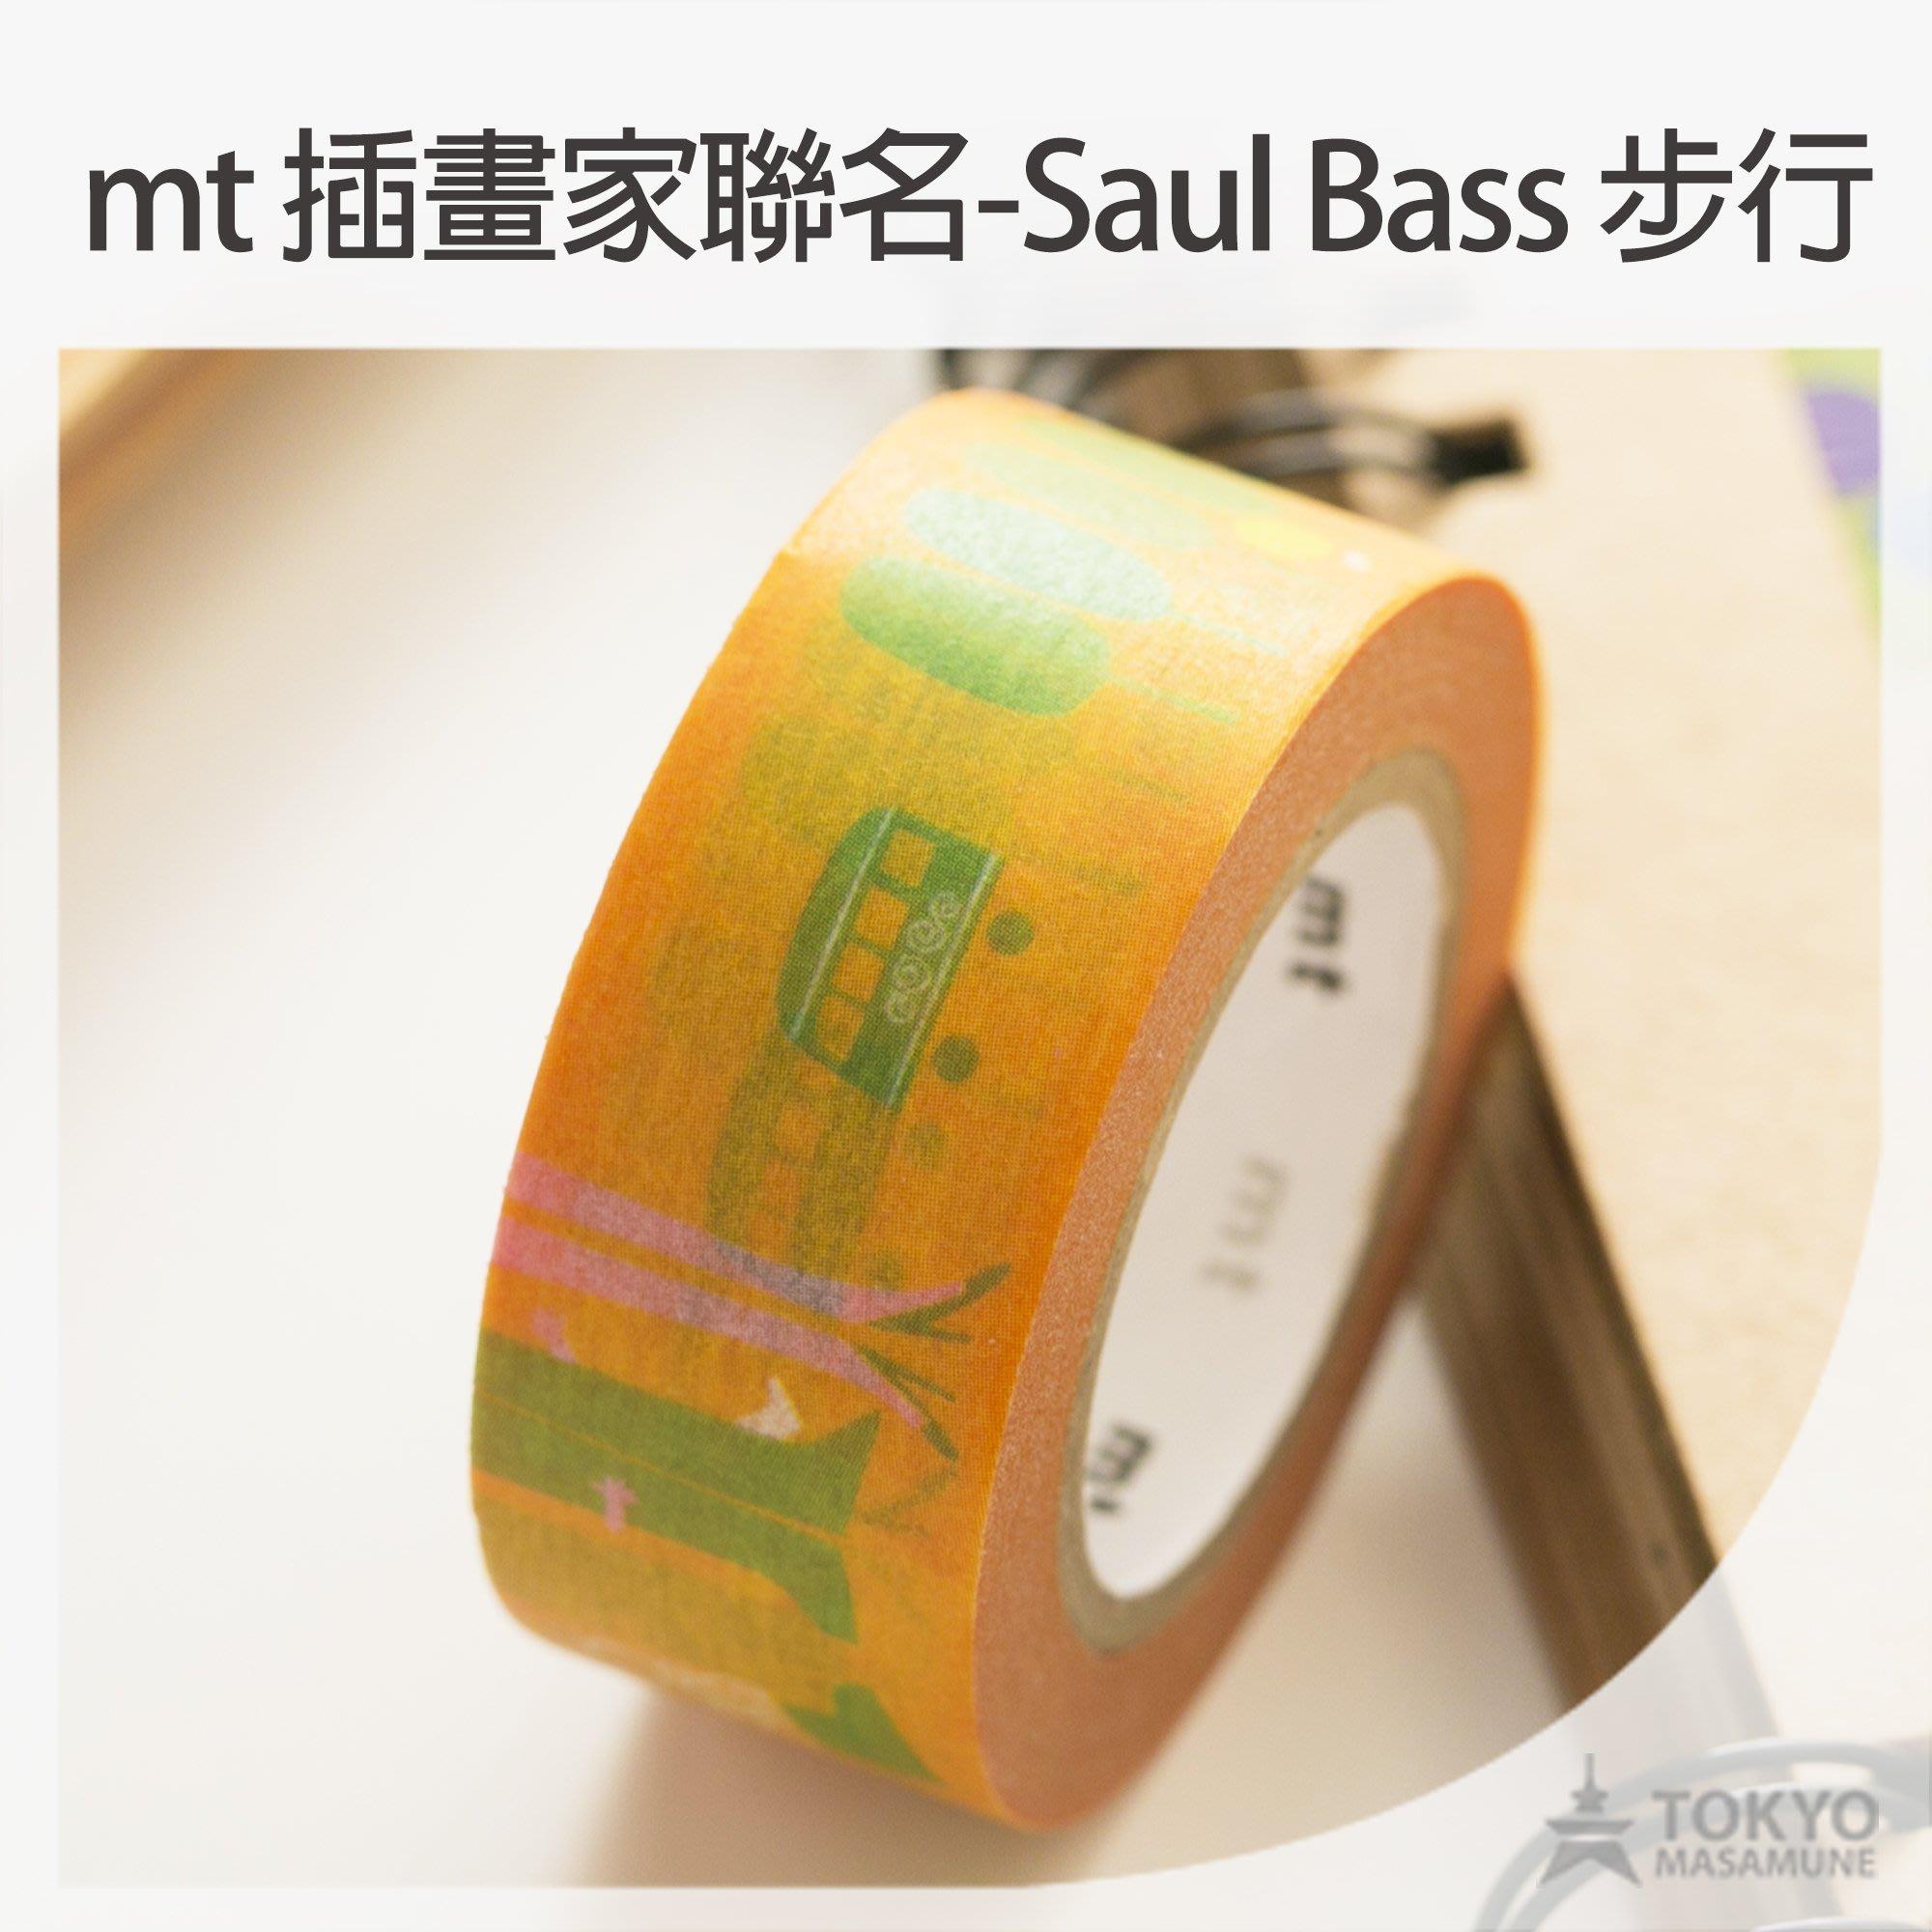 【東京正宗】日本 mt masking tape 紙膠帶 mt x 插畫家 Saul Bass 聯名系列 步行